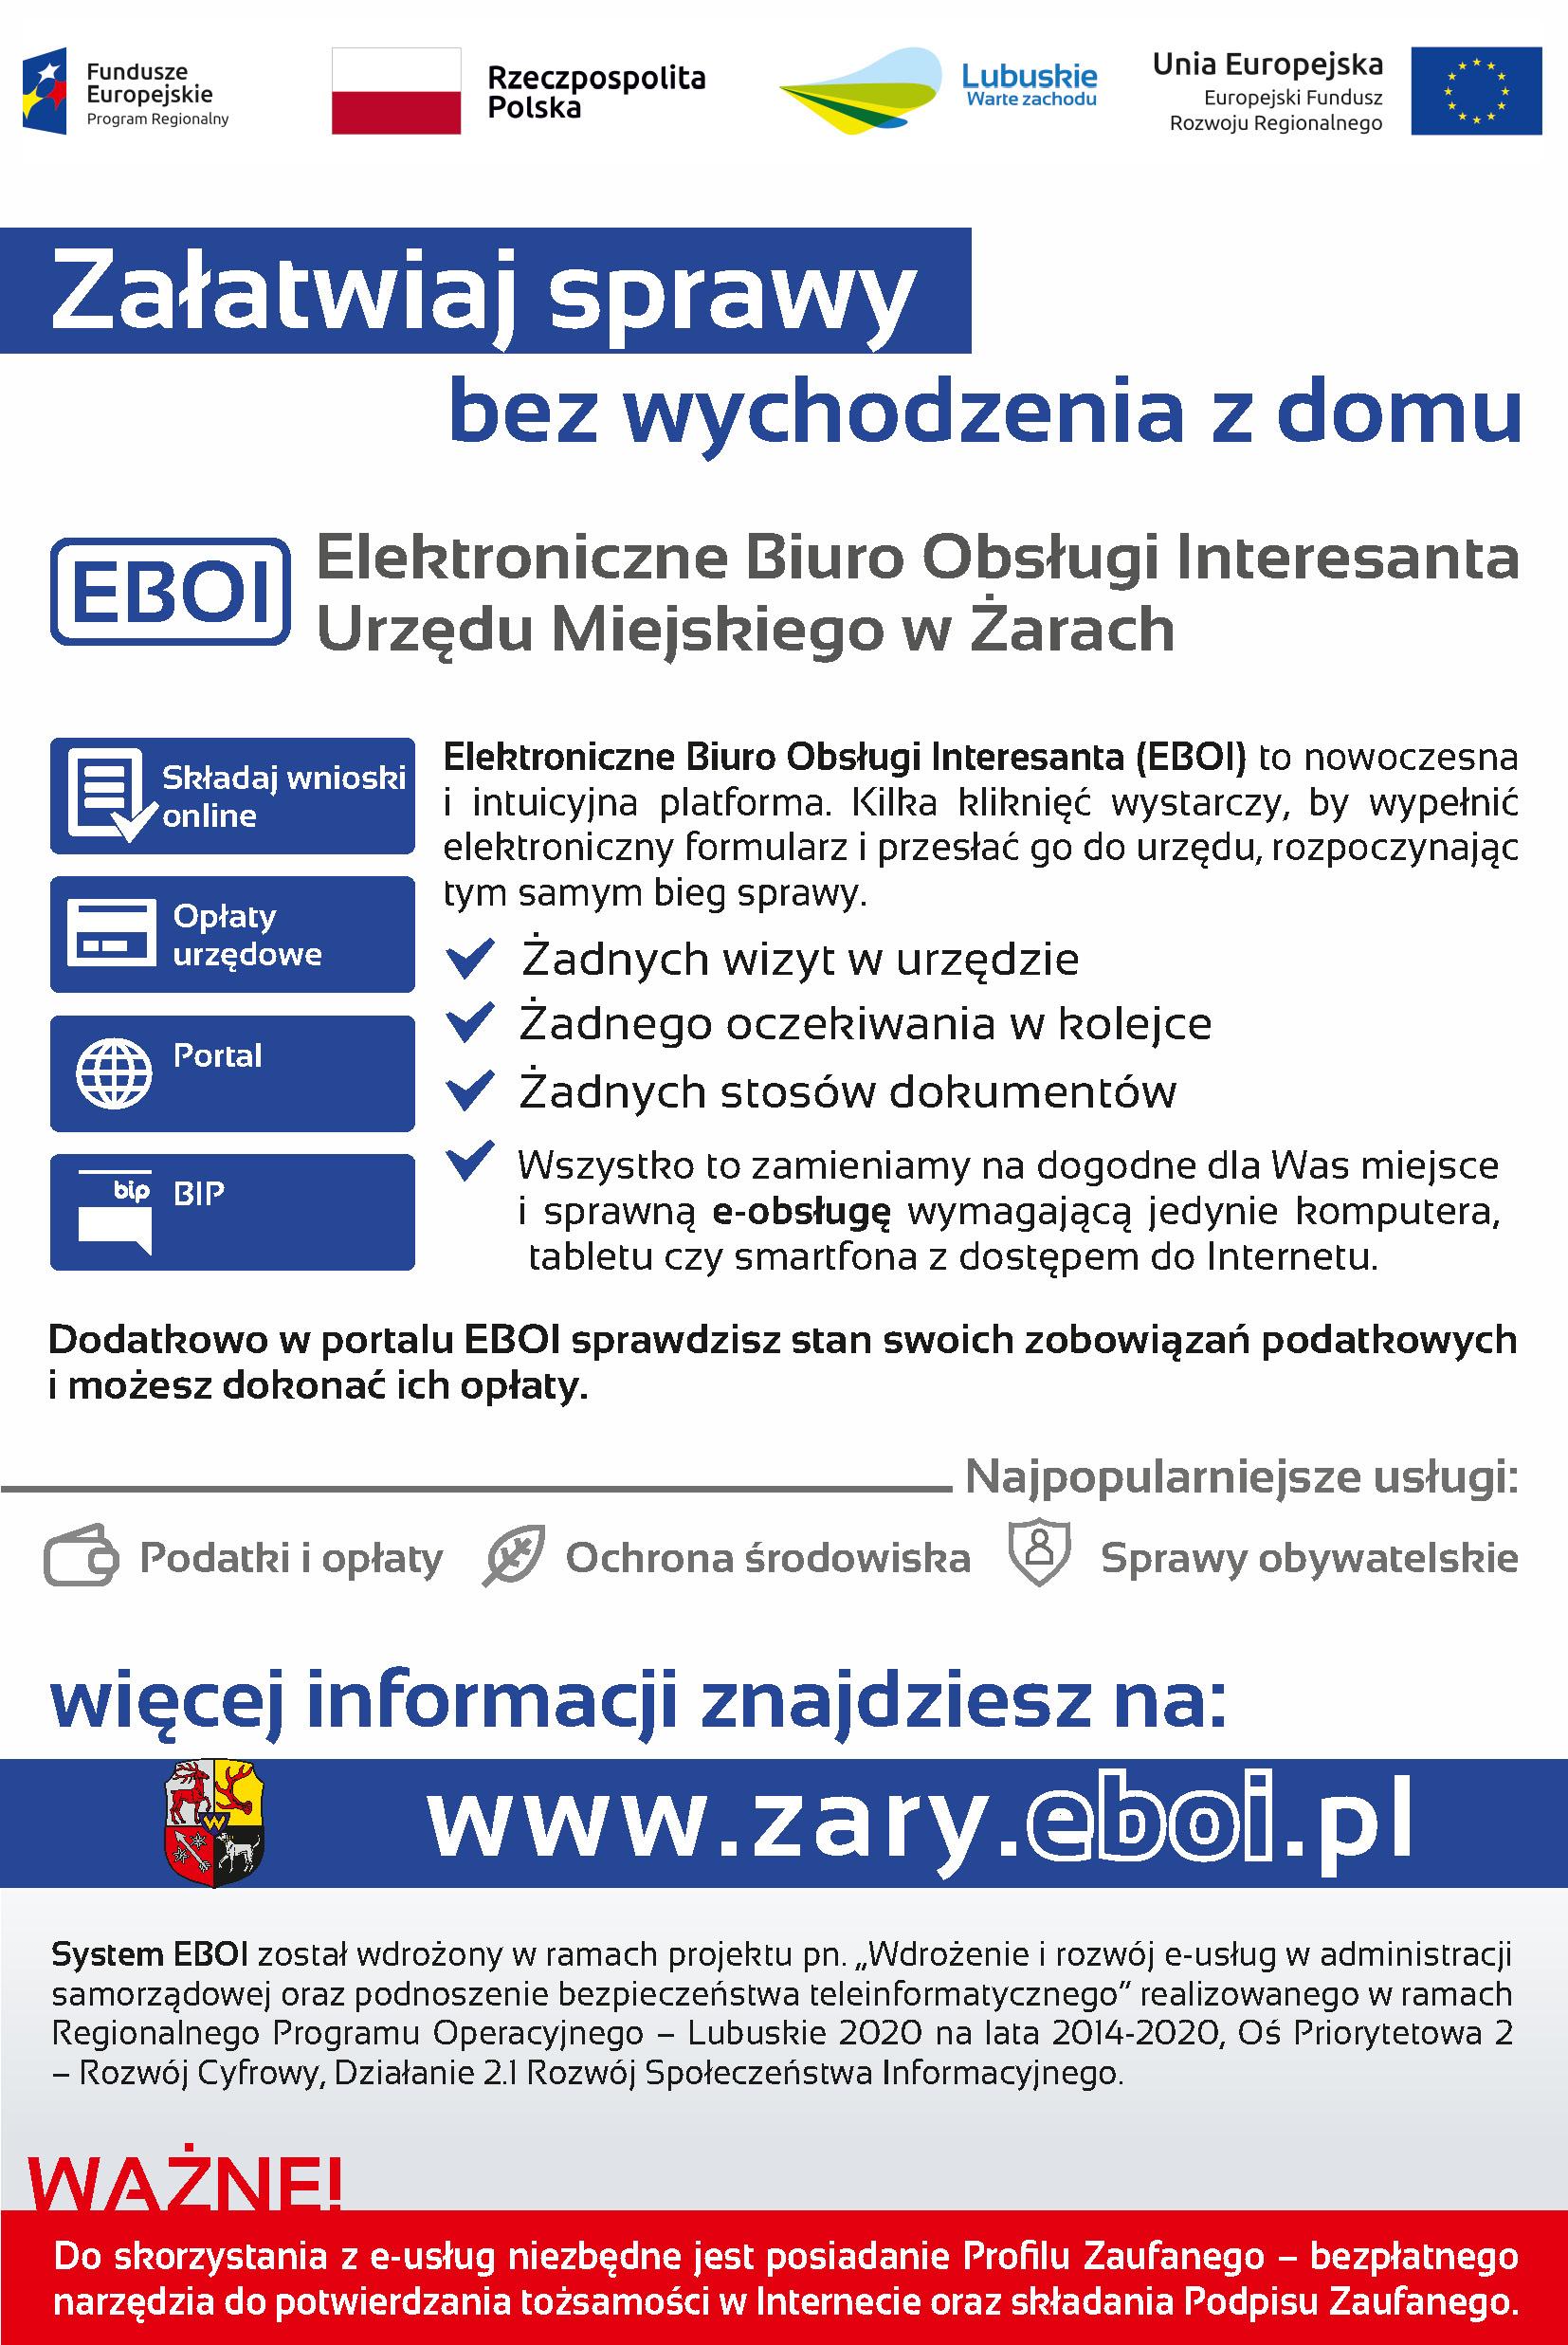 Ilustracja do informacji: Elektroniczne Biuro Obsługi Interesanta